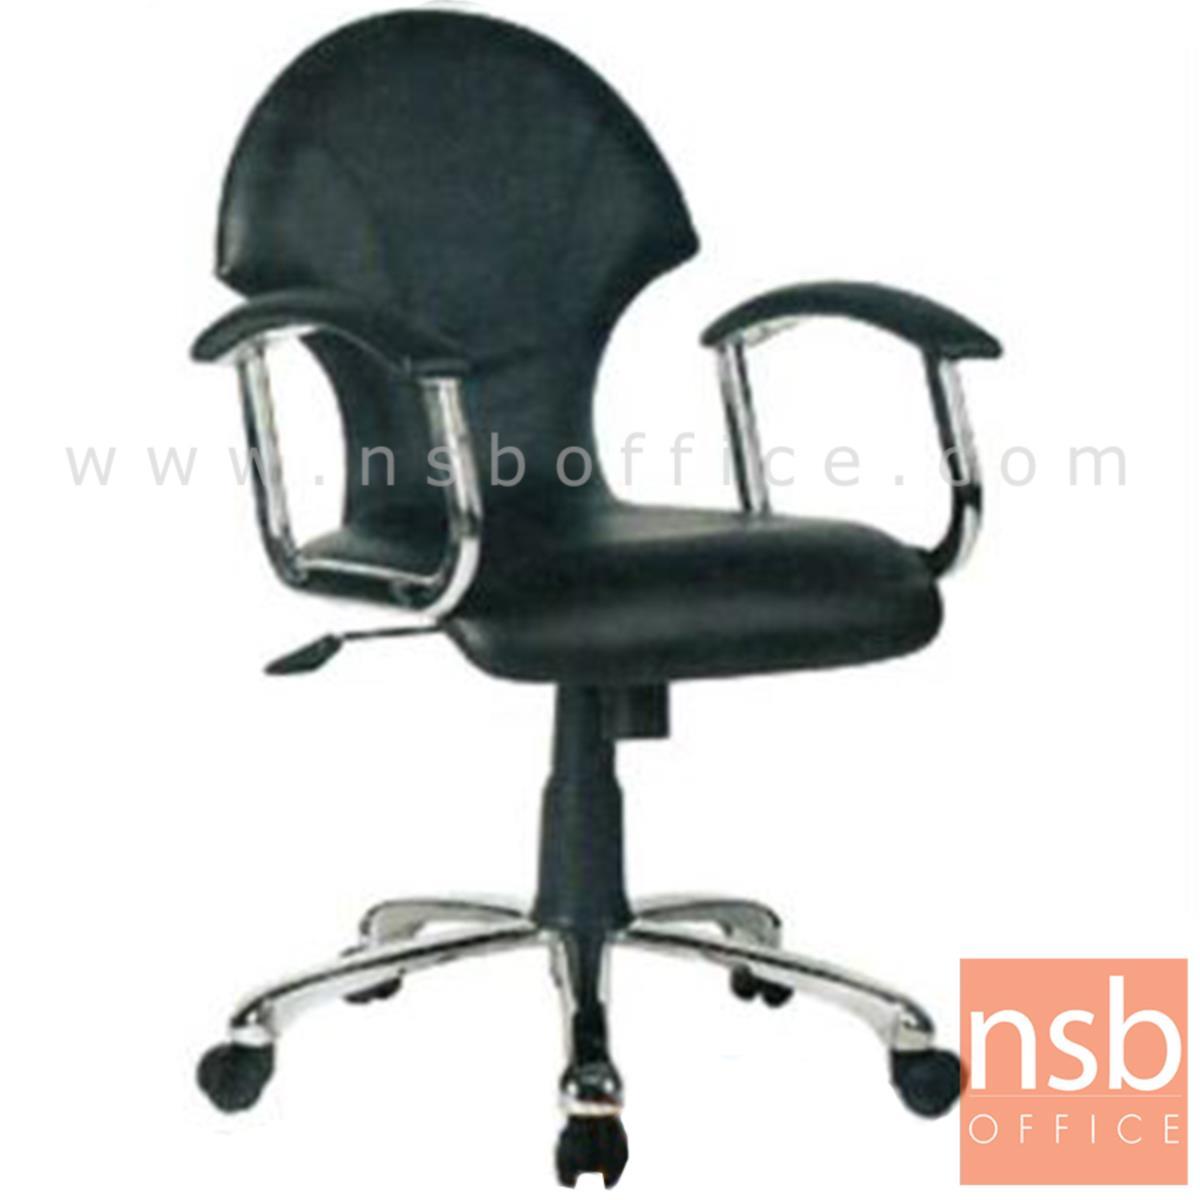 B03A316:เก้าอี้สำนักงาน รุ่น Brianne (ไบรแอนน์)   โช๊คแก๊ส มีก้อนโยก ขาเหล็กชุบโครเมี่ยม